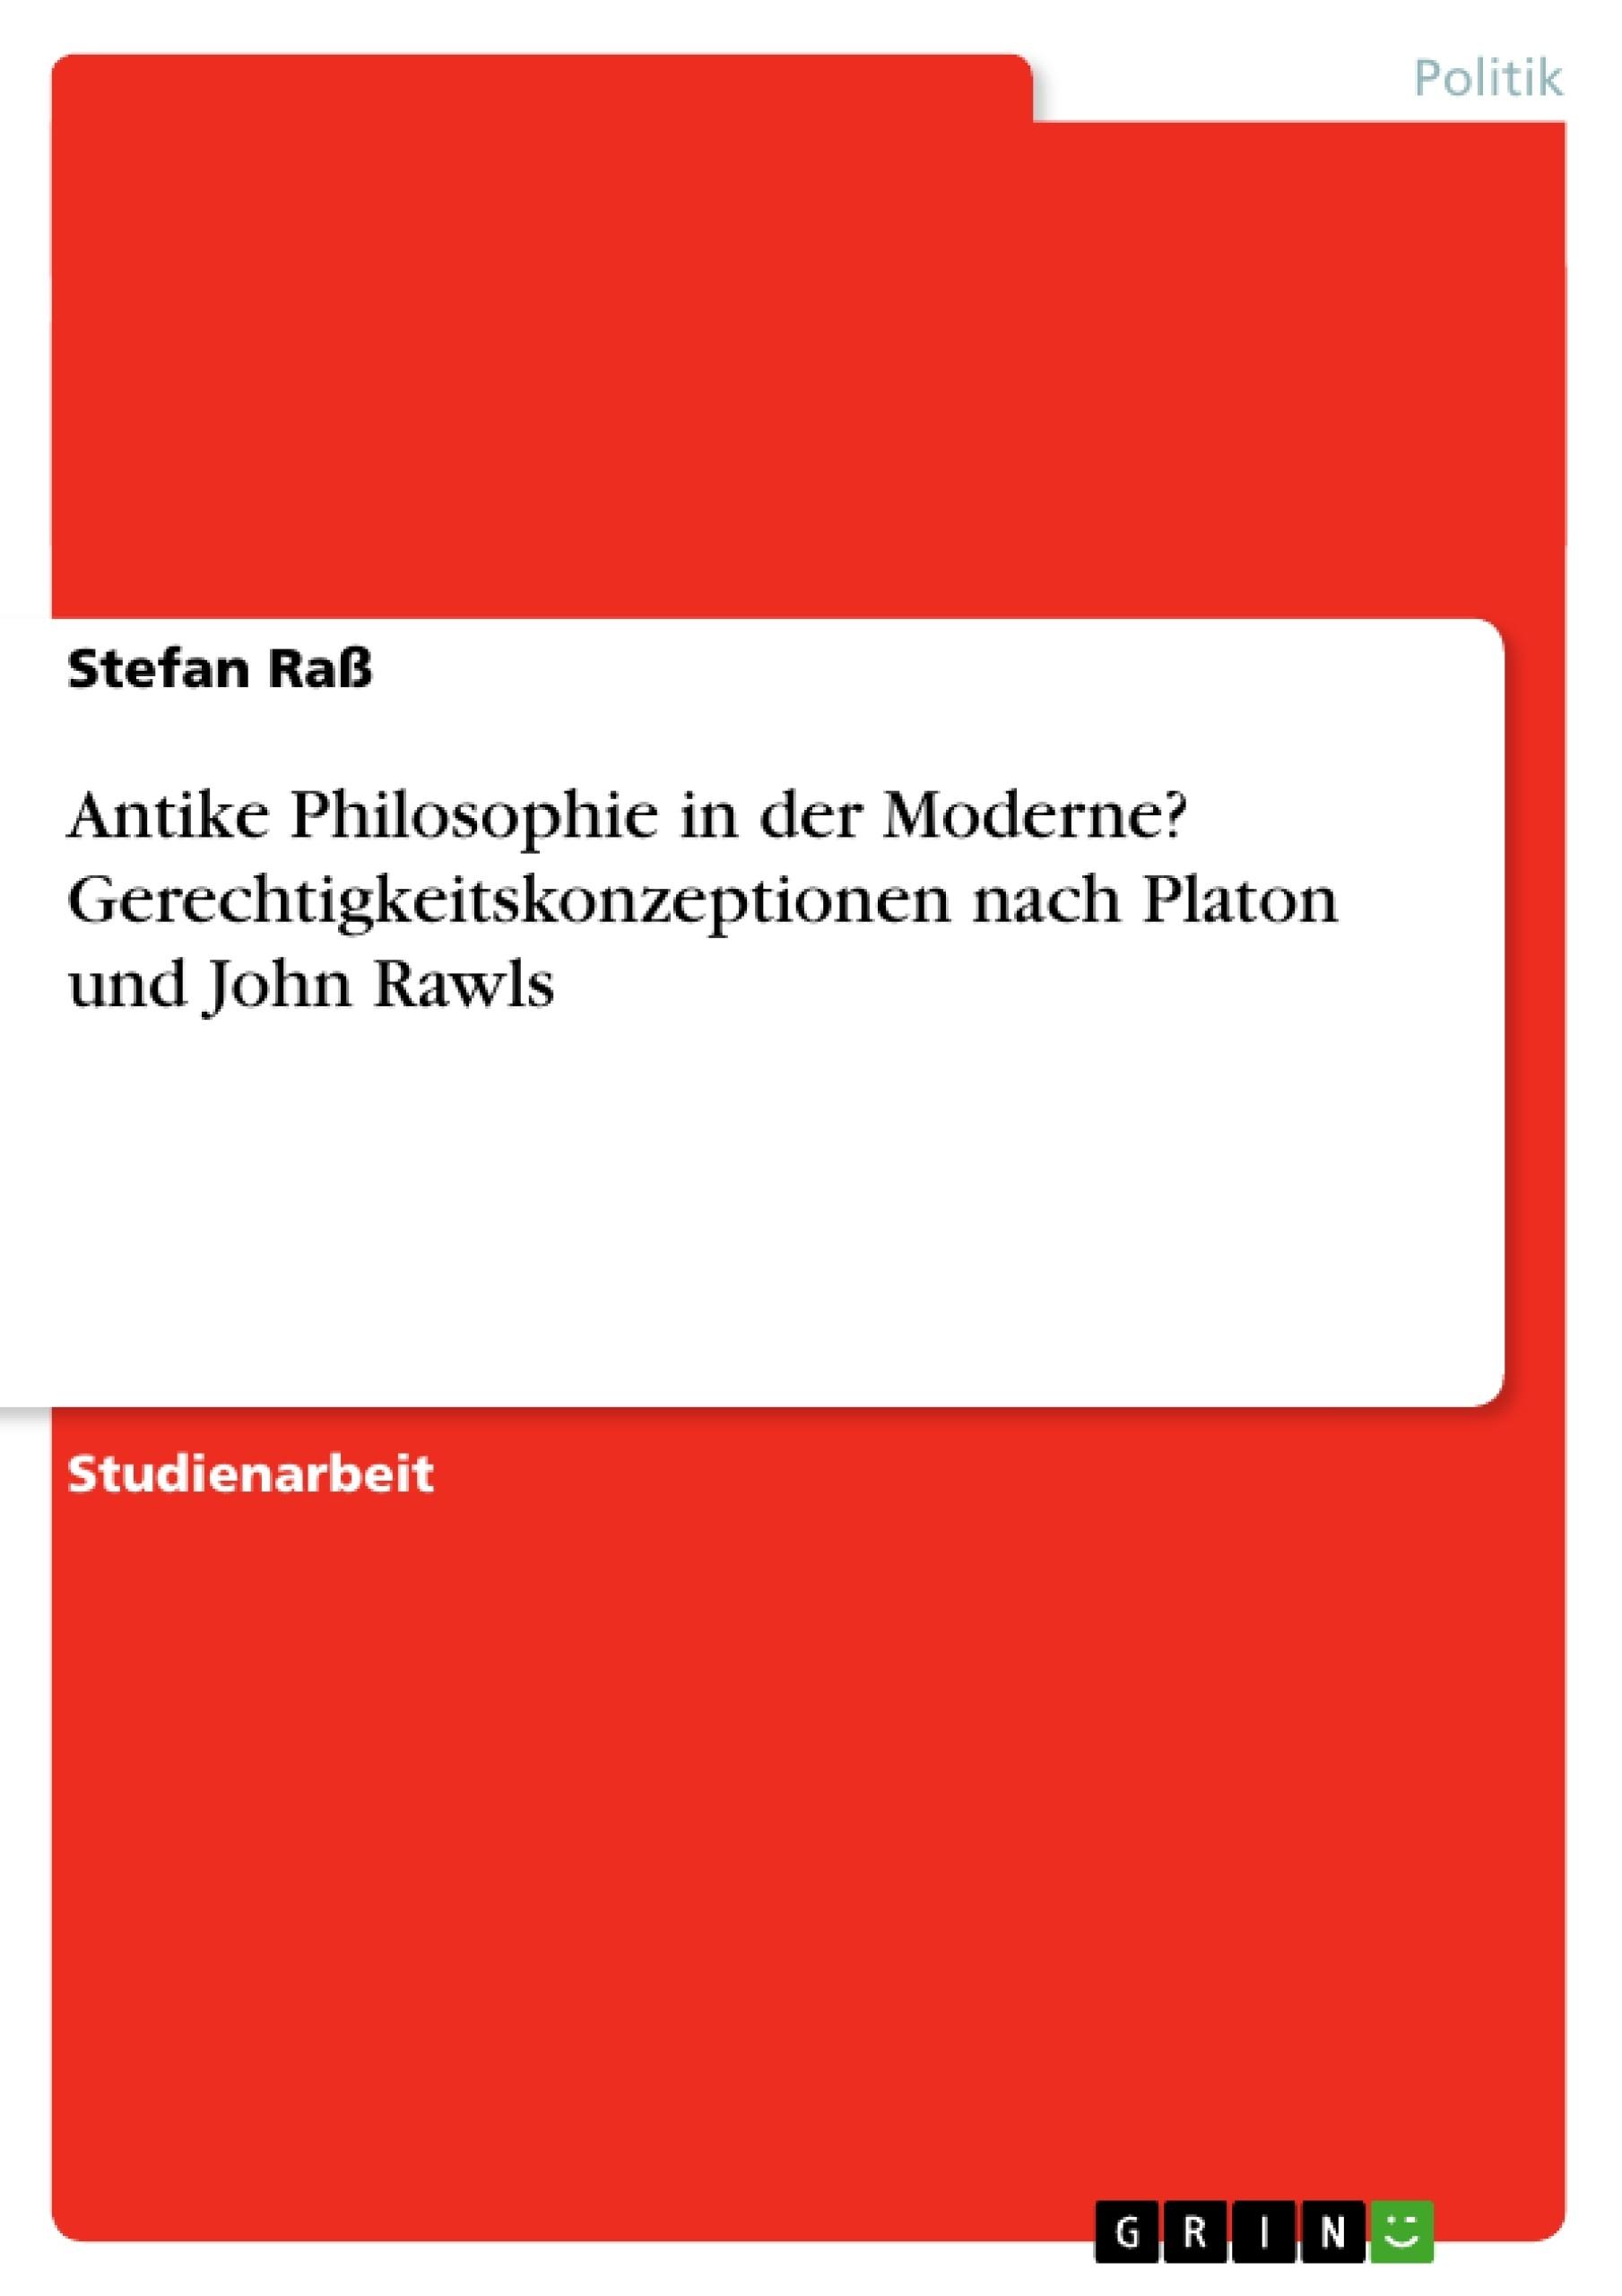 Titel: Antike Philosophie in der Moderne? Gerechtigkeitskonzeptionen nach Platon und John Rawls